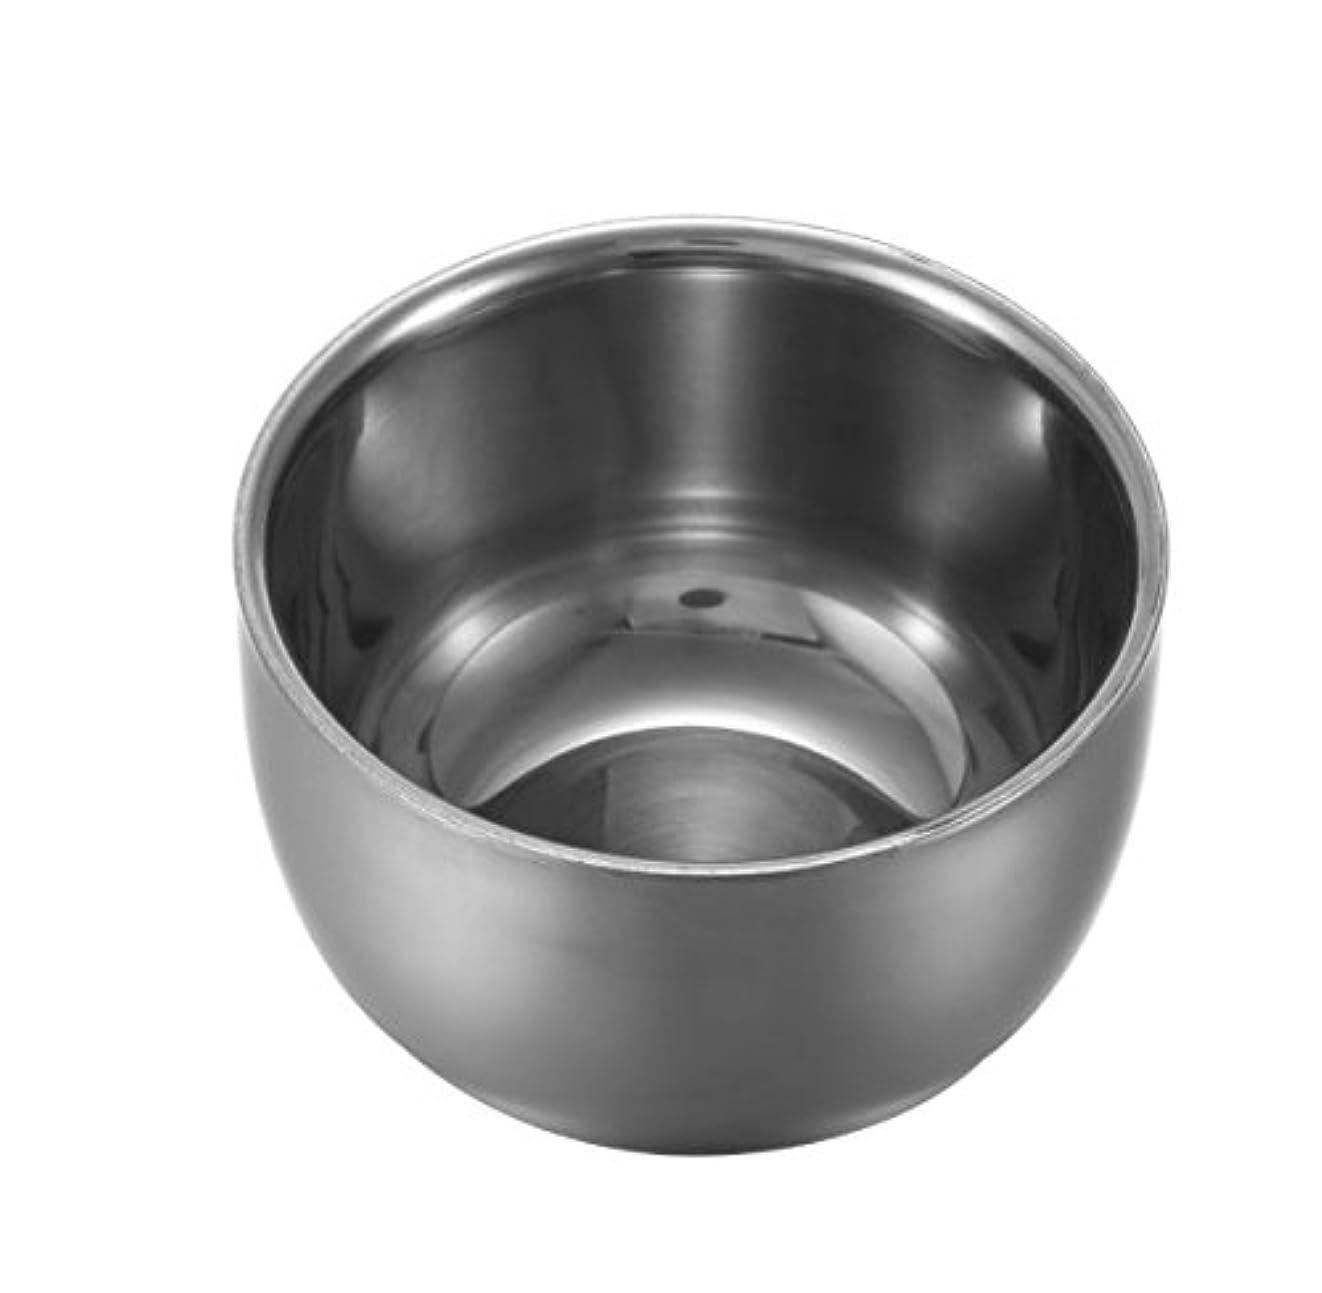 パンチうんざり全国7.5cm Stainless Steel Shaving Bowl Barber Beard Razor Cup For Shave Brush Male Face Cleaning Soap Mug Tool